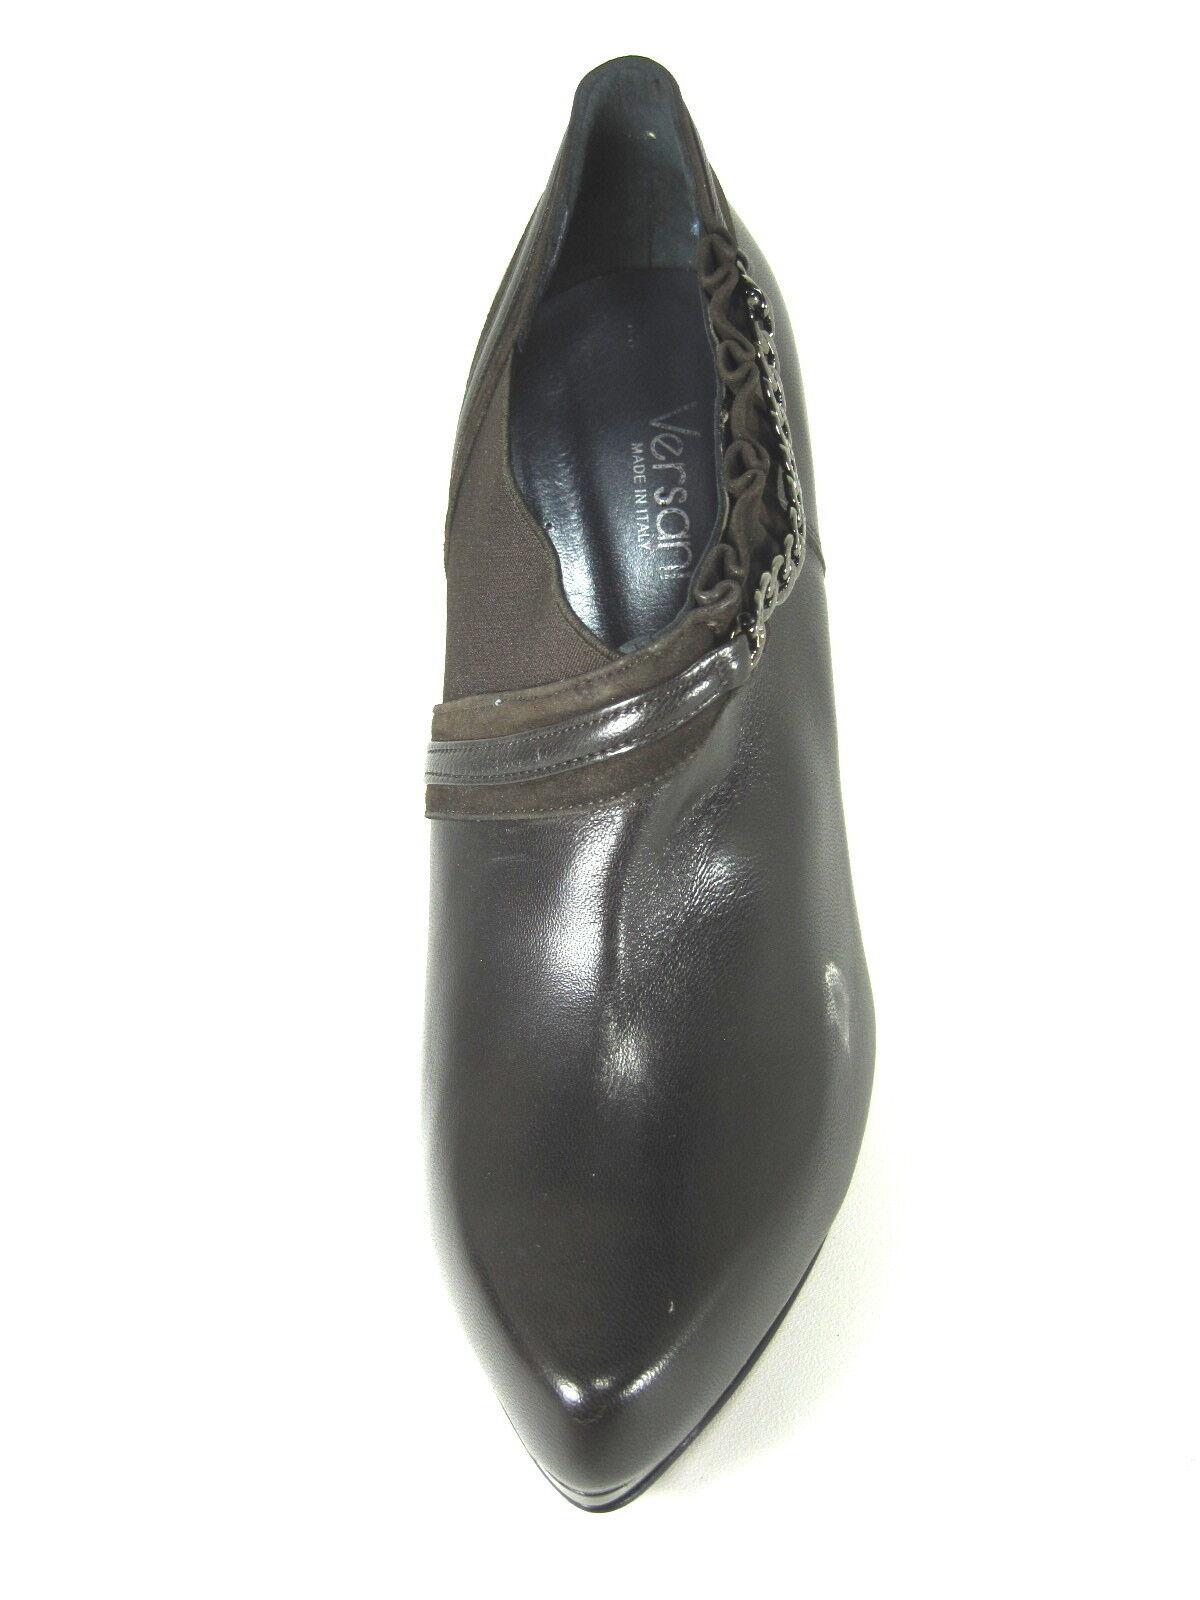 Versani Para Mujer cuero  2321 ankle-bootie Bombas marrón cuero Mujer napa color piel nos Mediano cce8bf